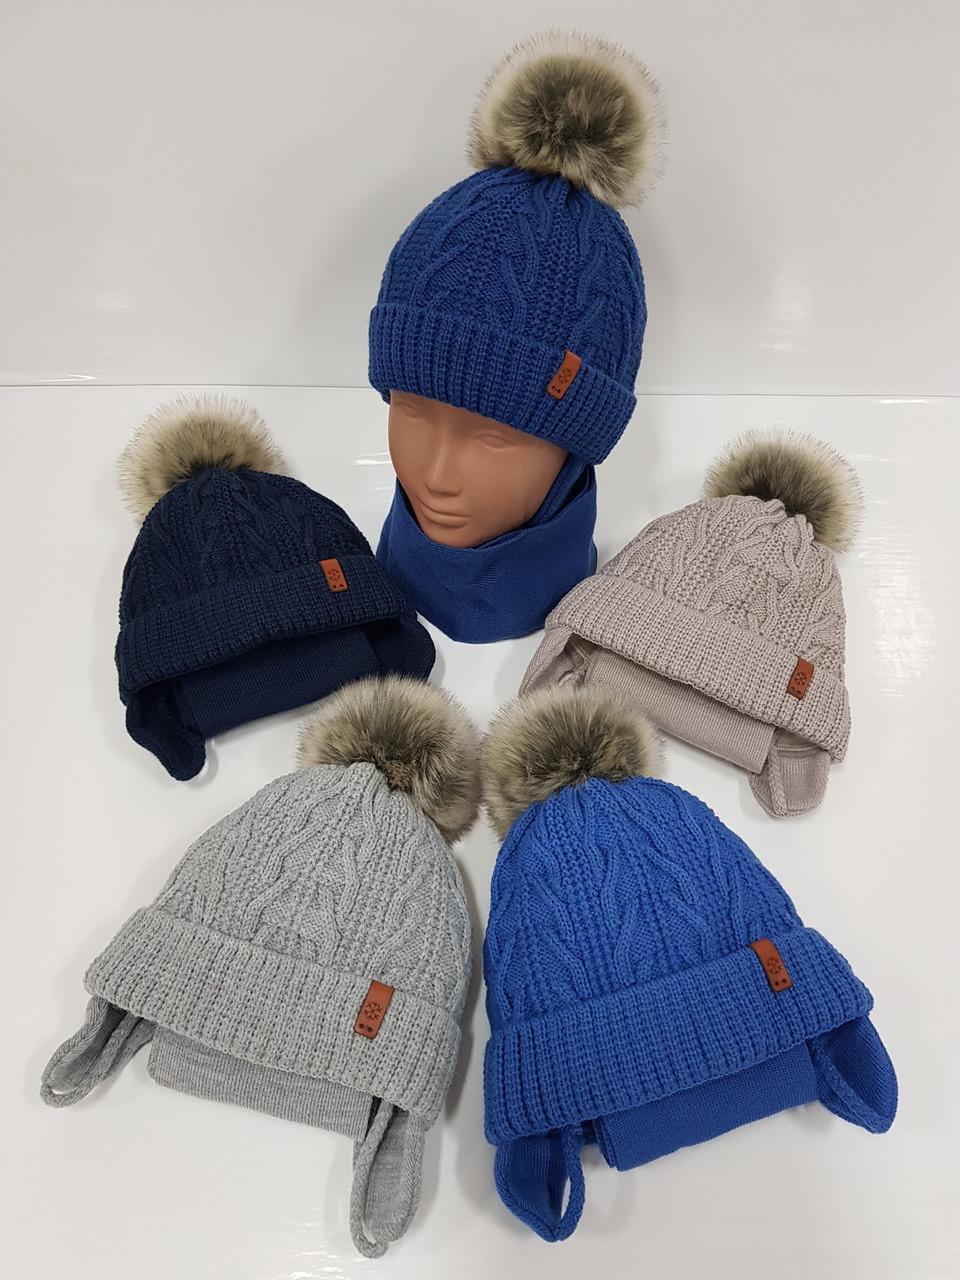 Детские утепленные вязаные шапки оптом с шарфом, завязками и помпоном для мальчиков, р.44-46, Grans (Польша)